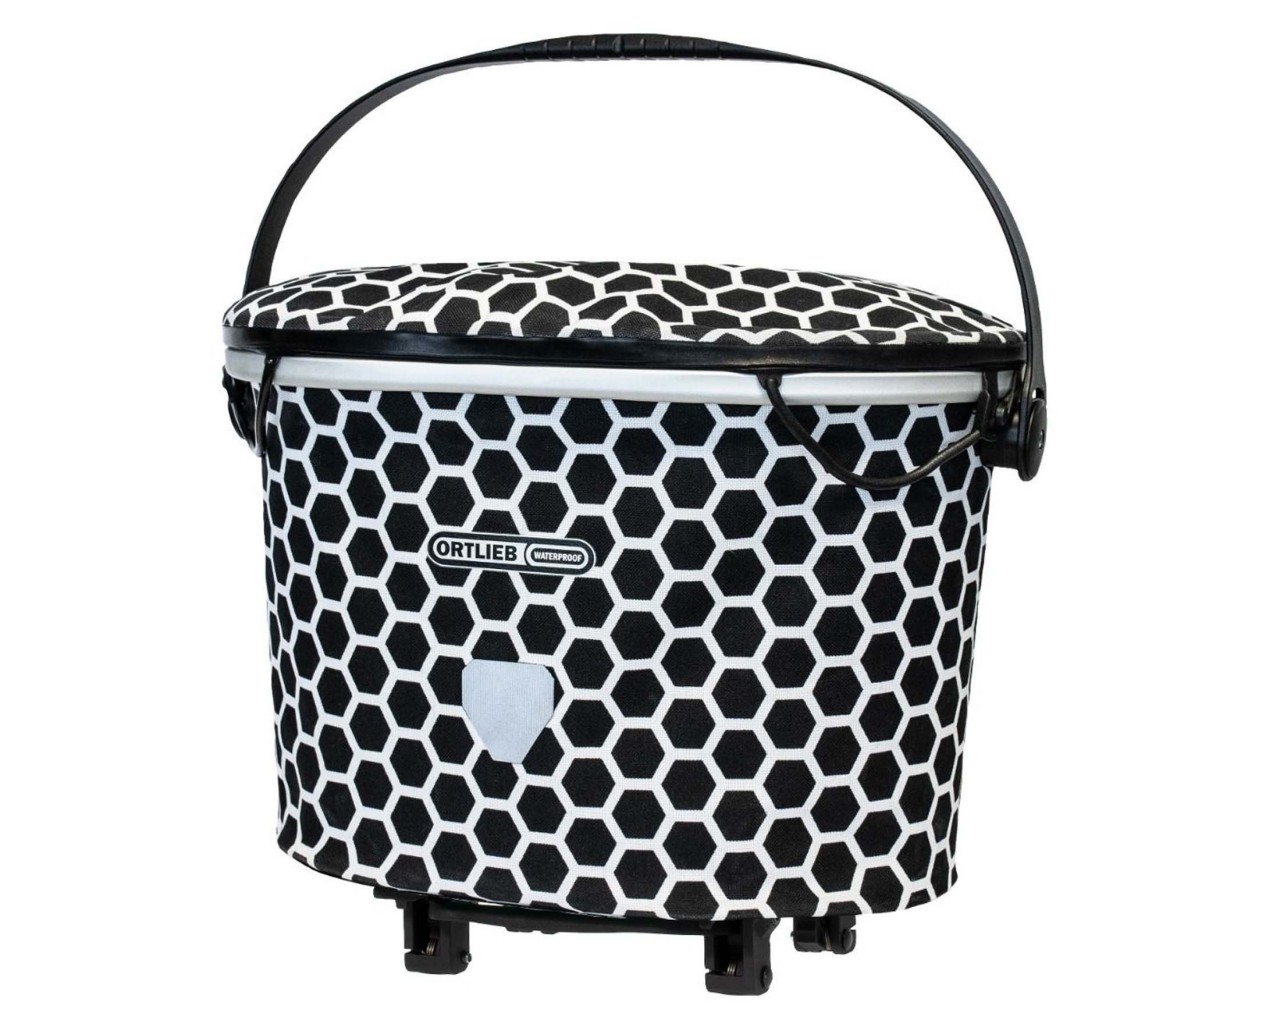 Ortlieb Up-Town Rack Design - wasserdichte Gepäckträgertasche | Honeycomb